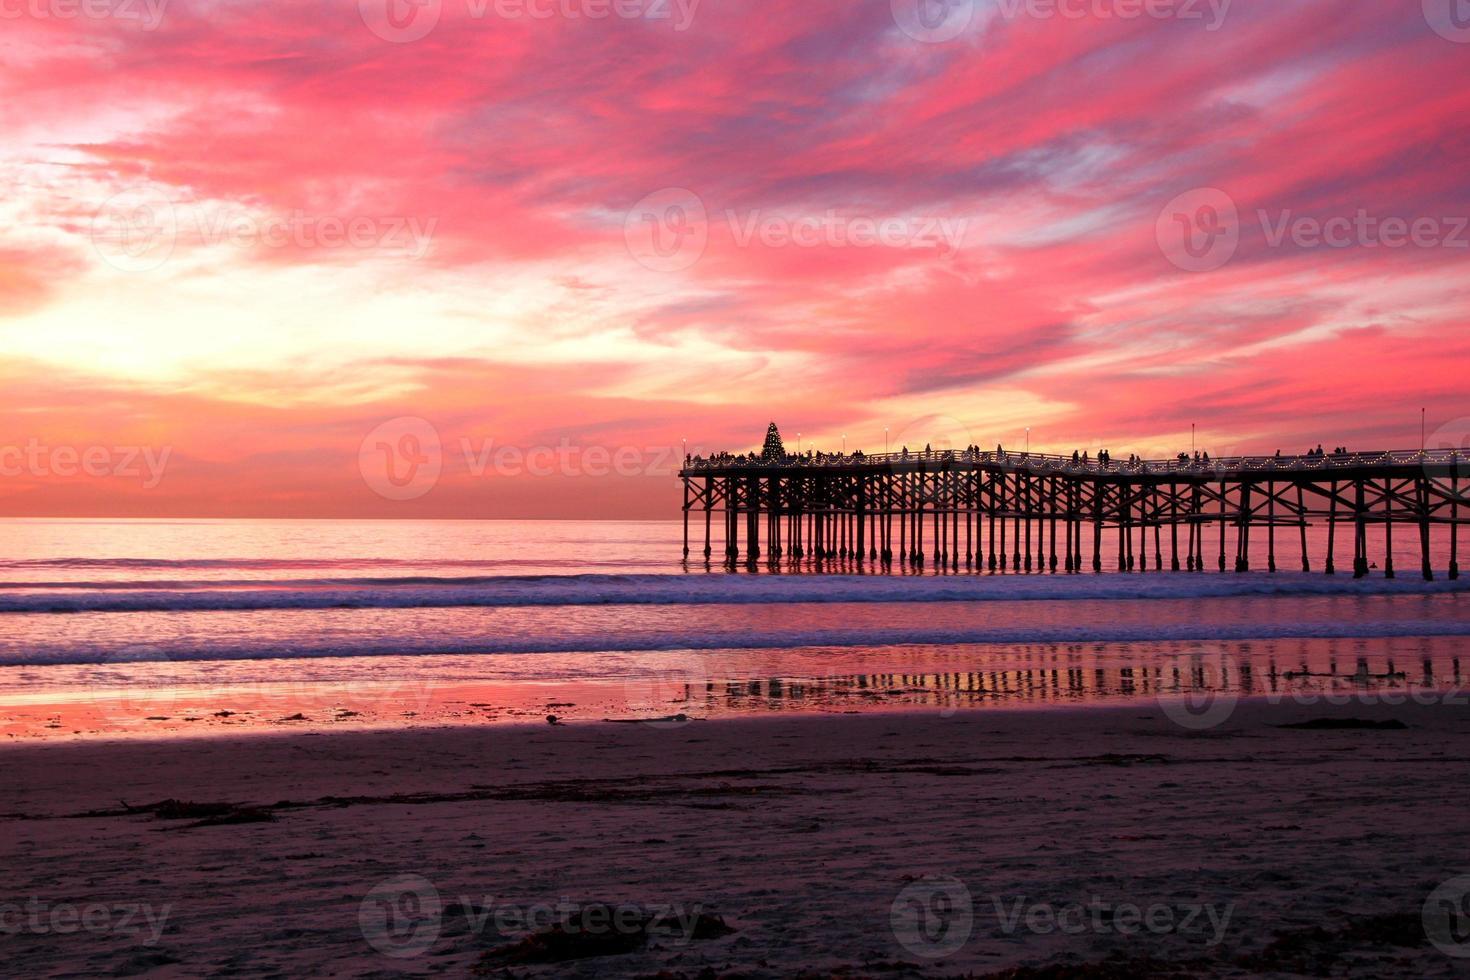 coucher de soleil plage rose photo